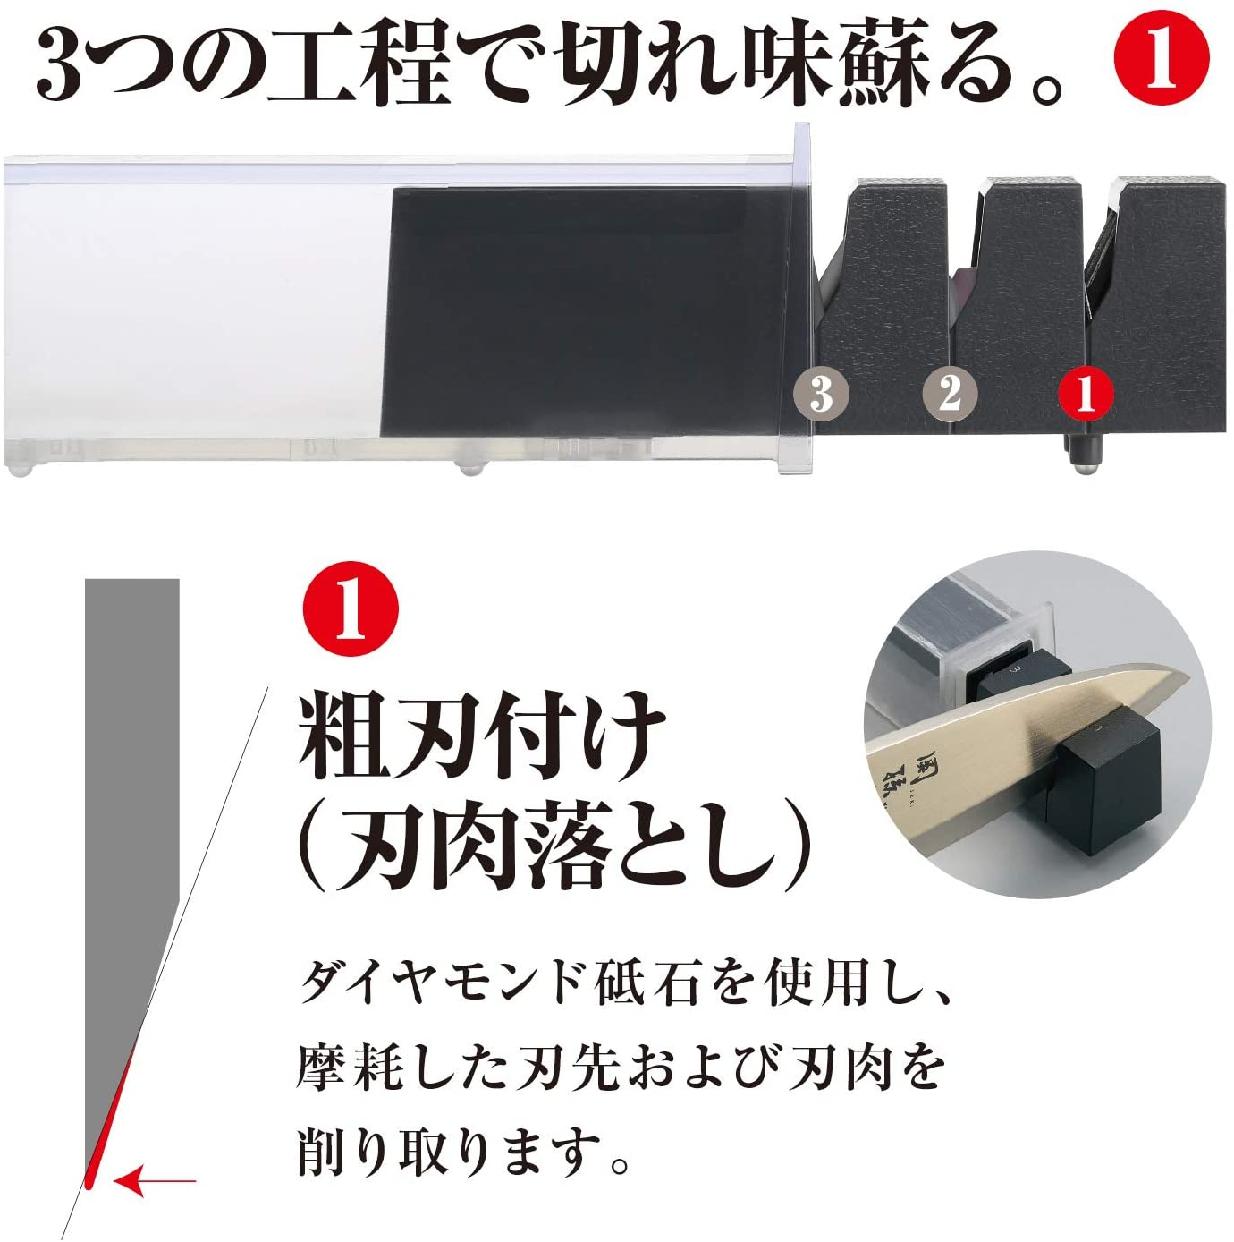 関孫六(セキノマゴロク)ダイヤモンド&セラミックシャープナー片刃用 AP0162の商品画像3